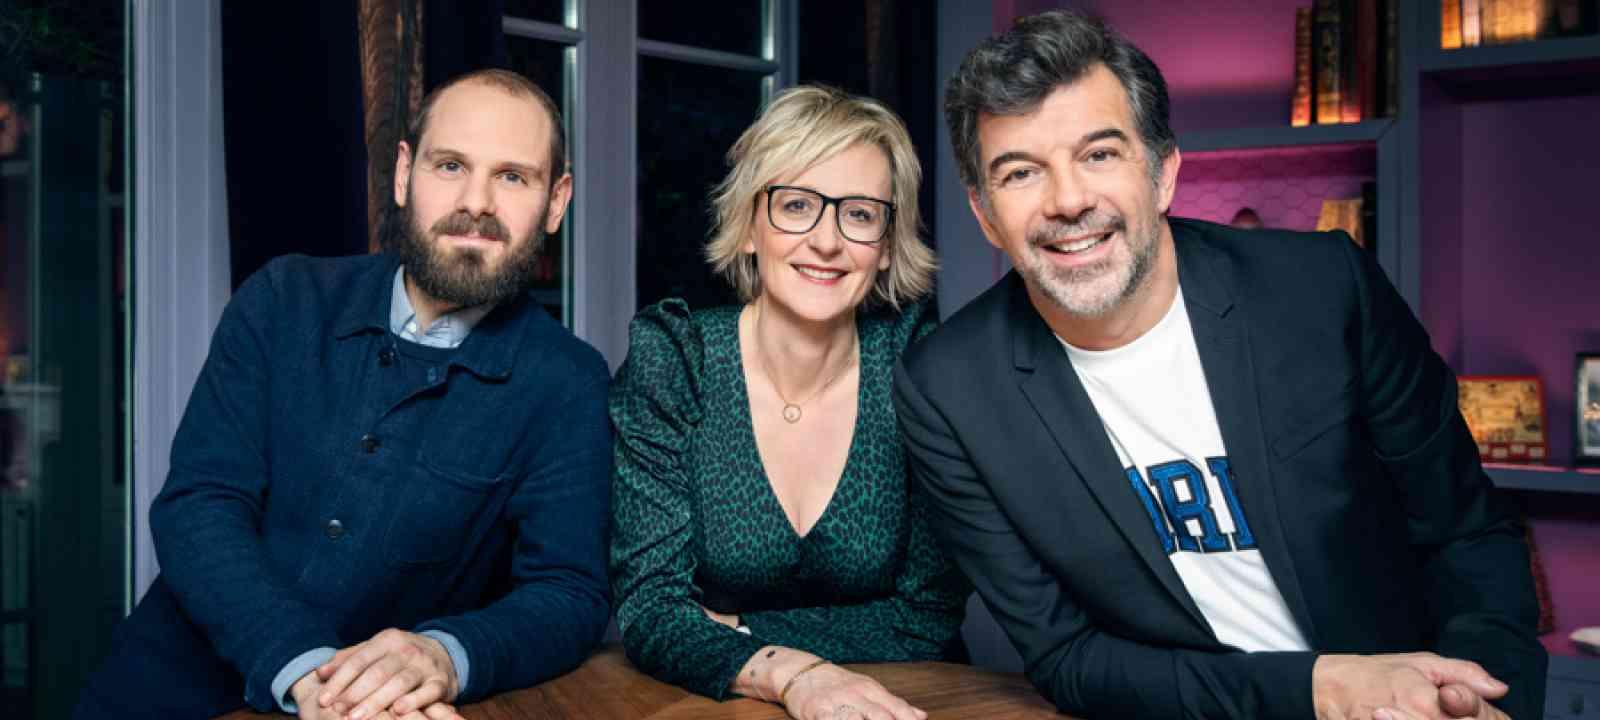 Les experts Foire de Paris 2019 - Stéphane Plaza - Sylvie Adigard - NellyRodi